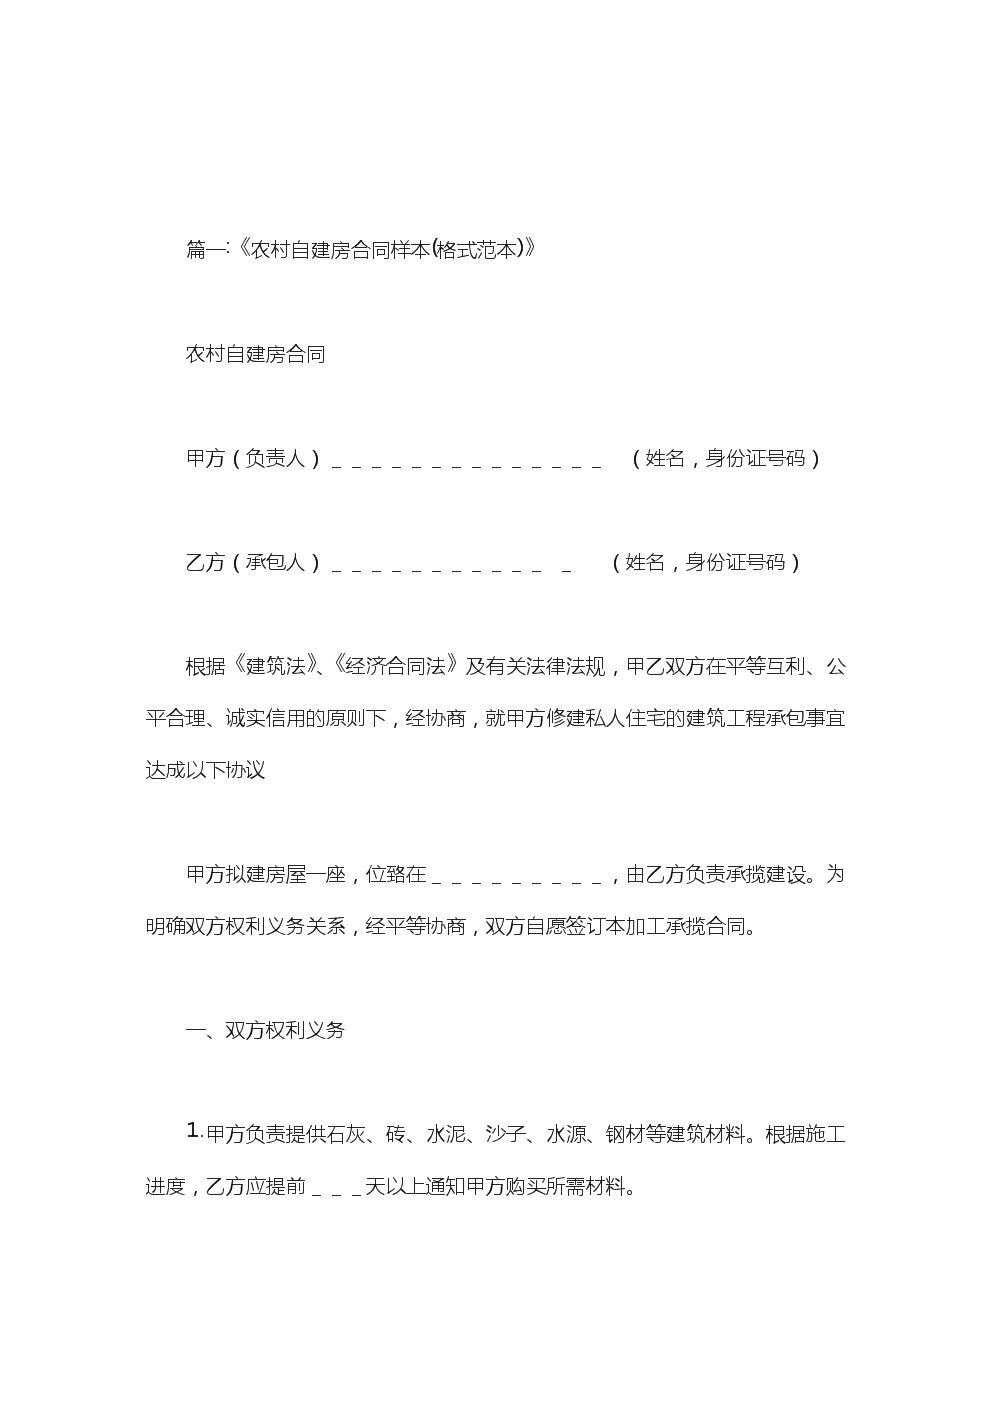 創建樣板村莊范文.doc